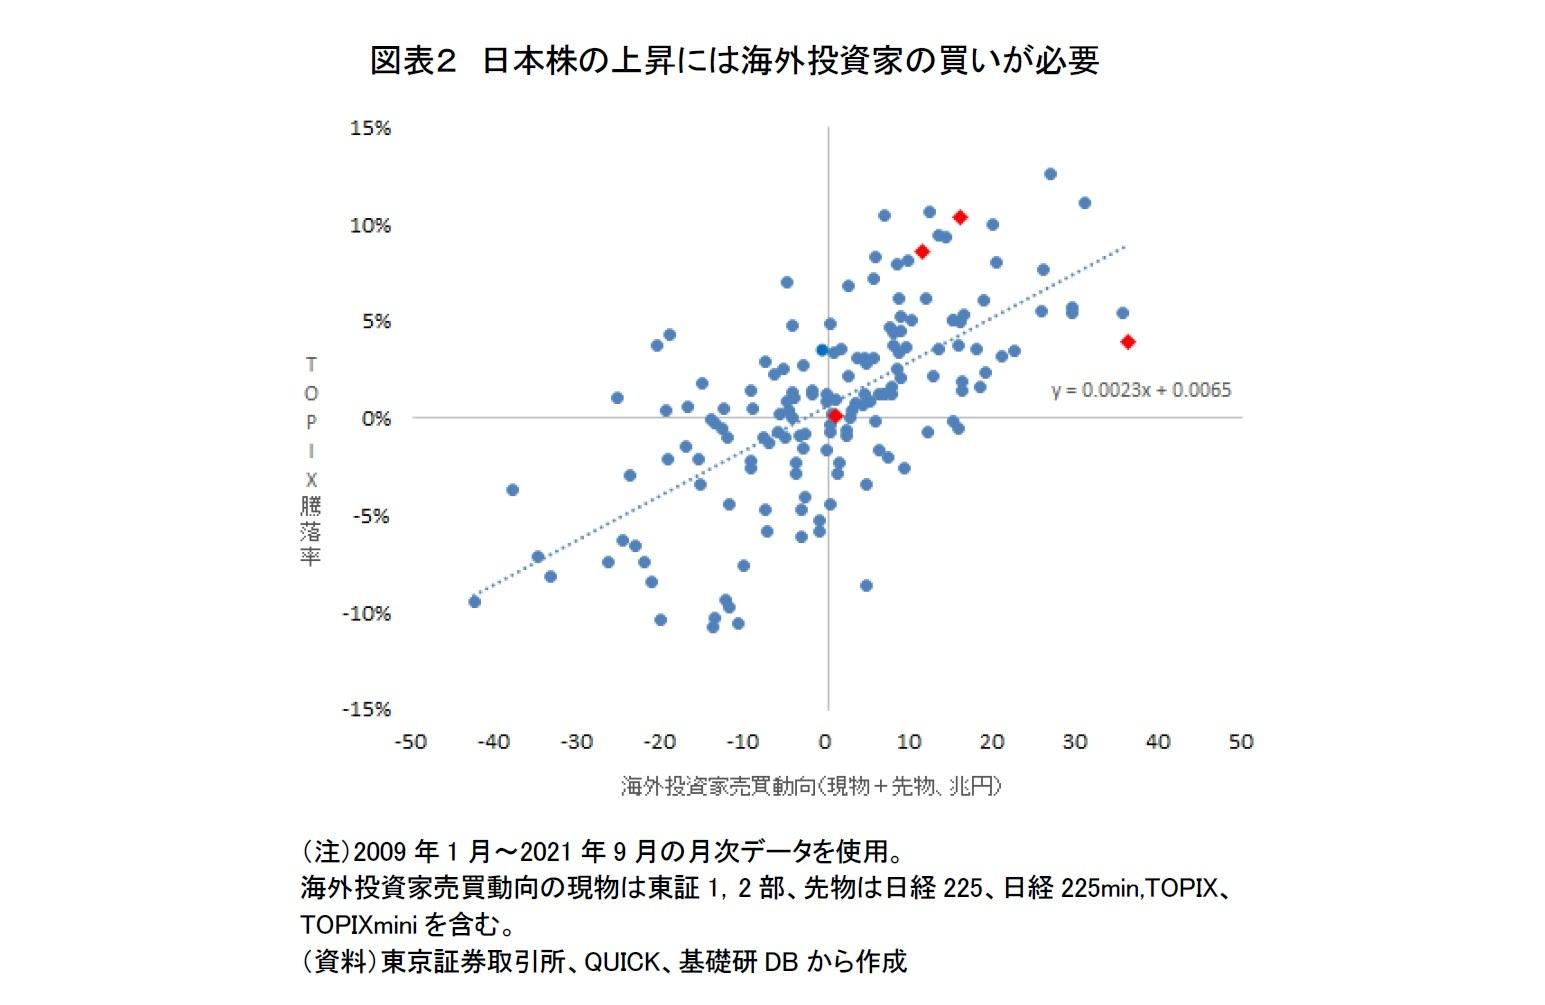 図表2 日本株の上昇には海外投資家の買いが必要